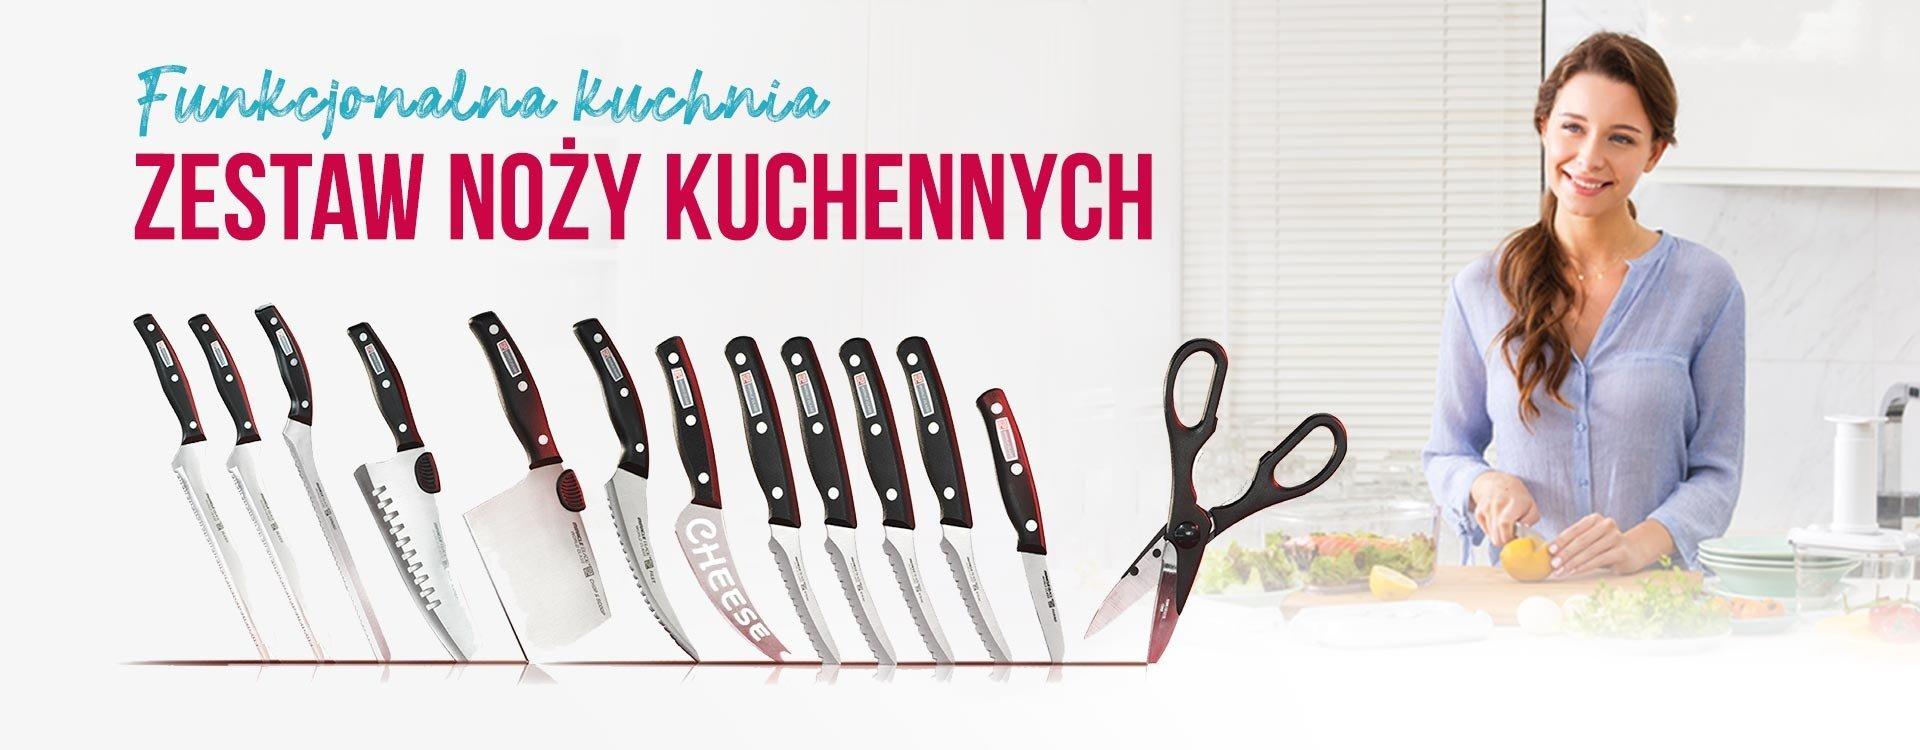 Funkcjonalna kuchnia, jest w zasięgu Twojej ręki! Poznaj niezawodny zestaw noży kuchennych!